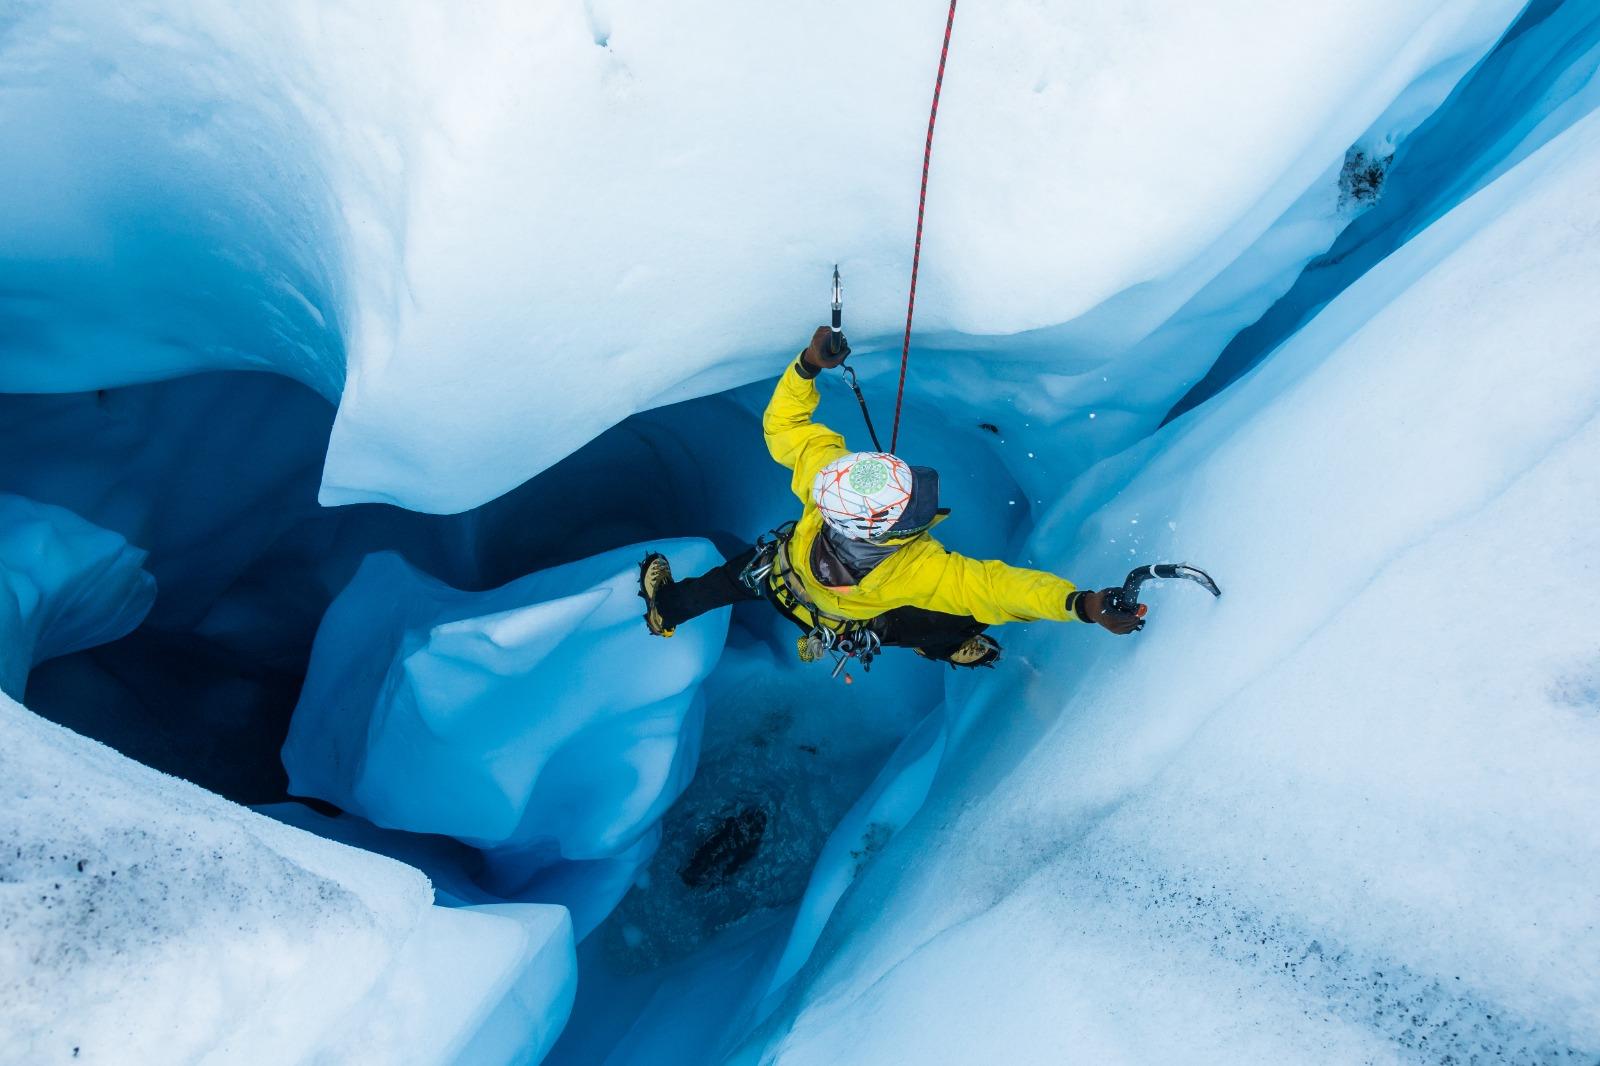 Můžete si vypěstovat závislost na adrenalinu?